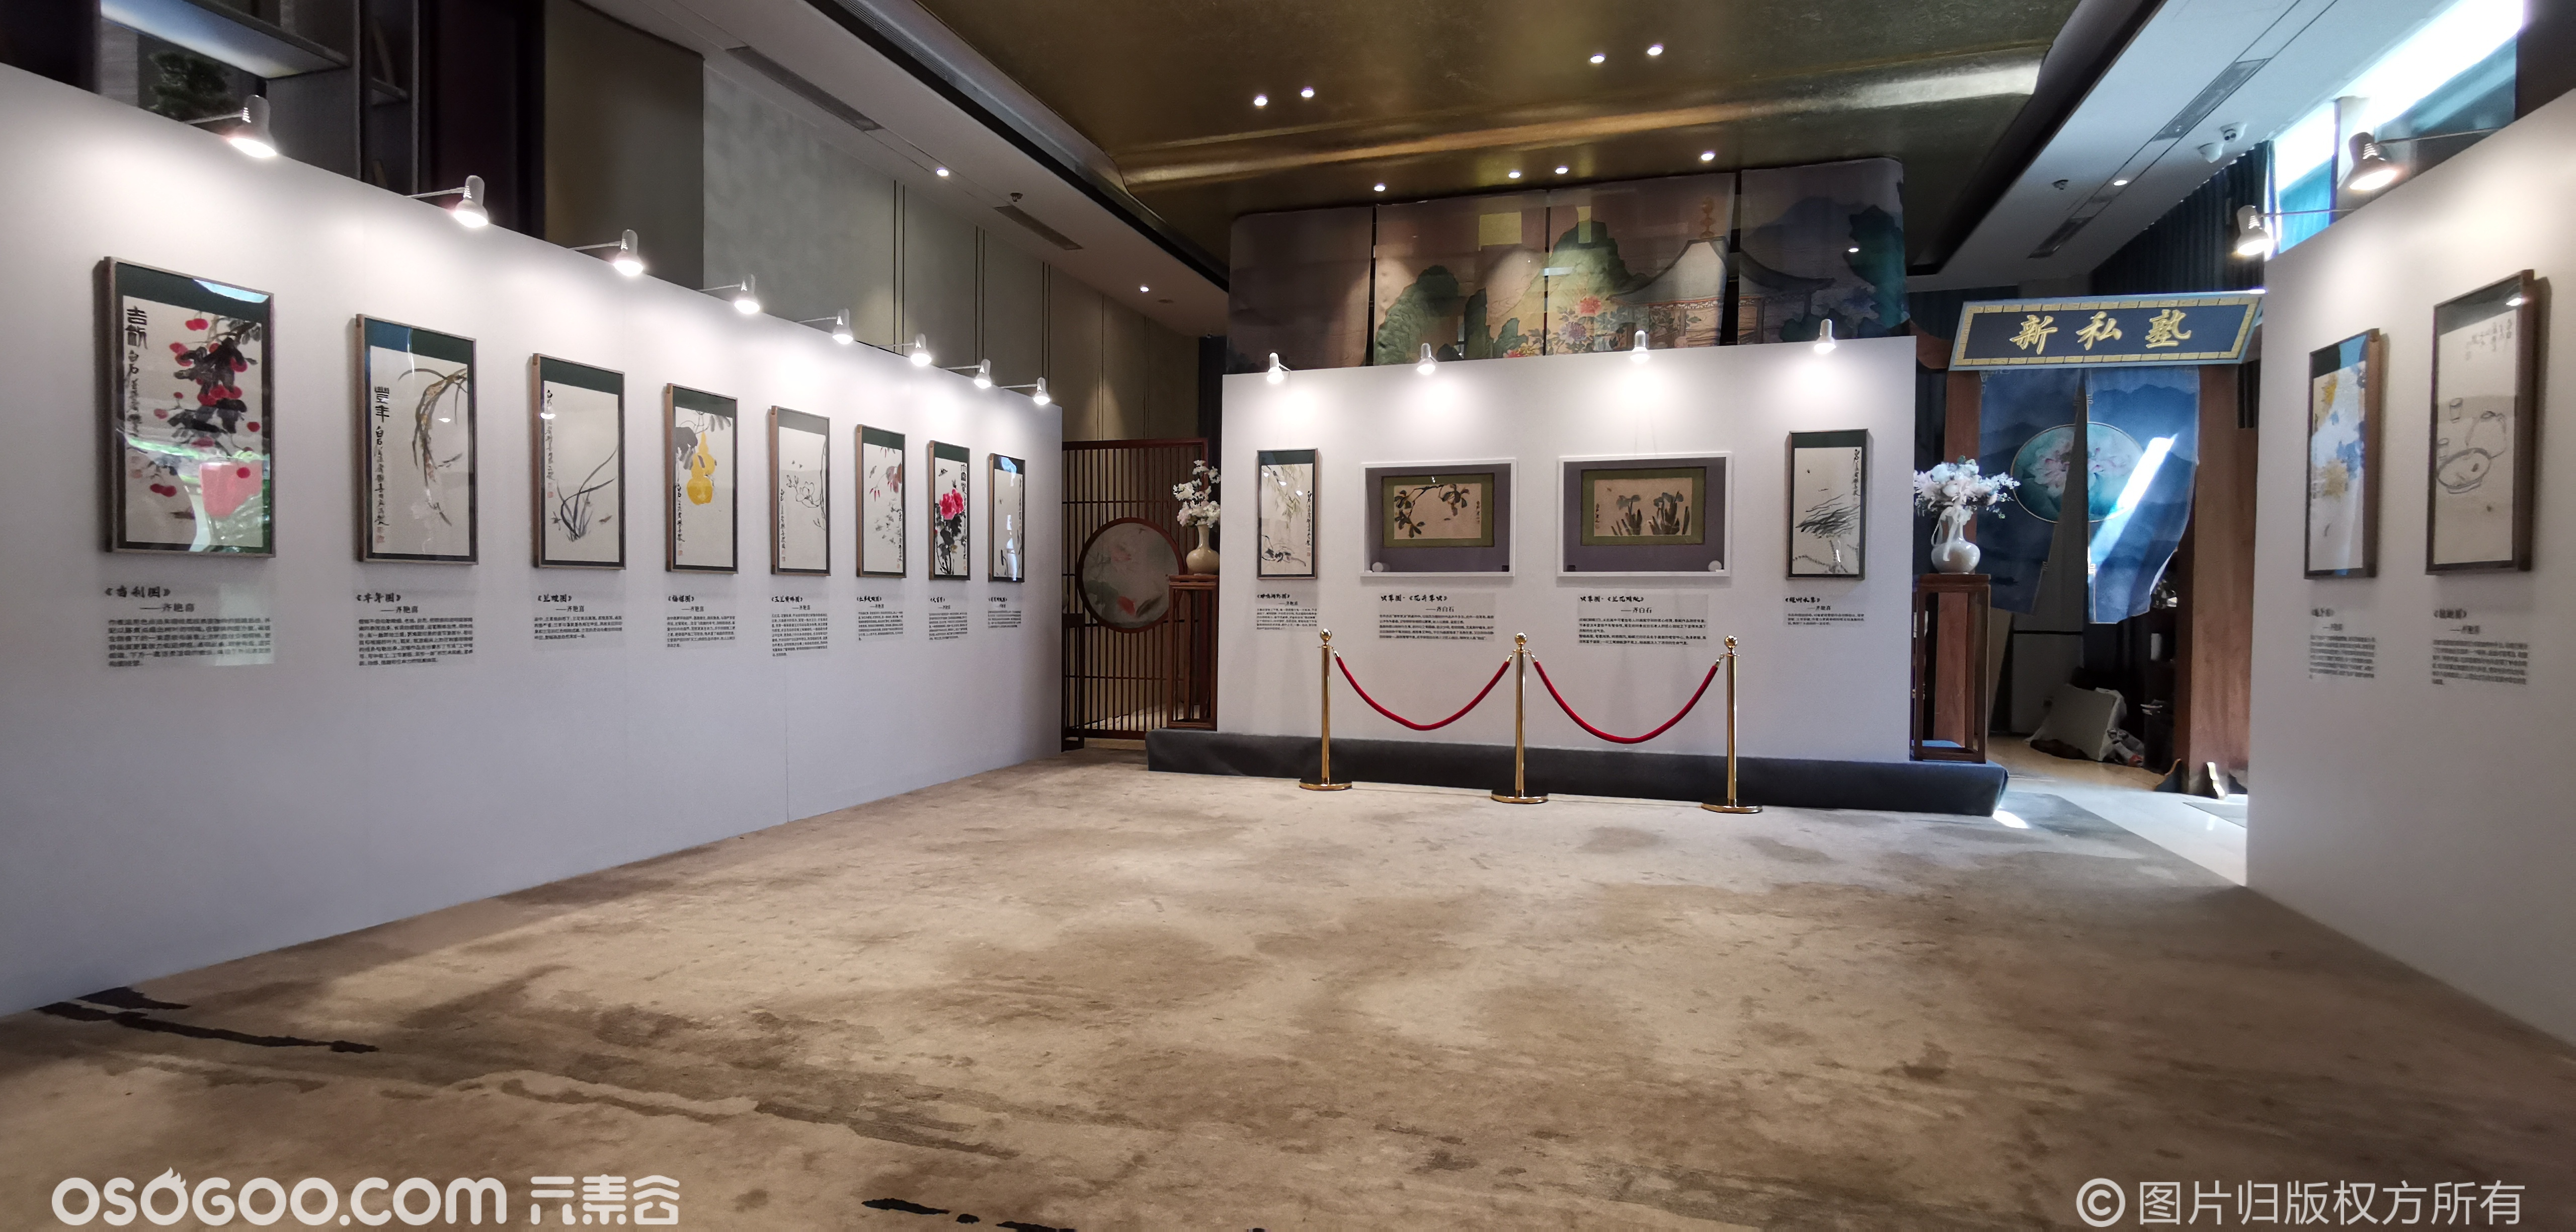 齐白石工笔虫草真迹展——全国首展南京站